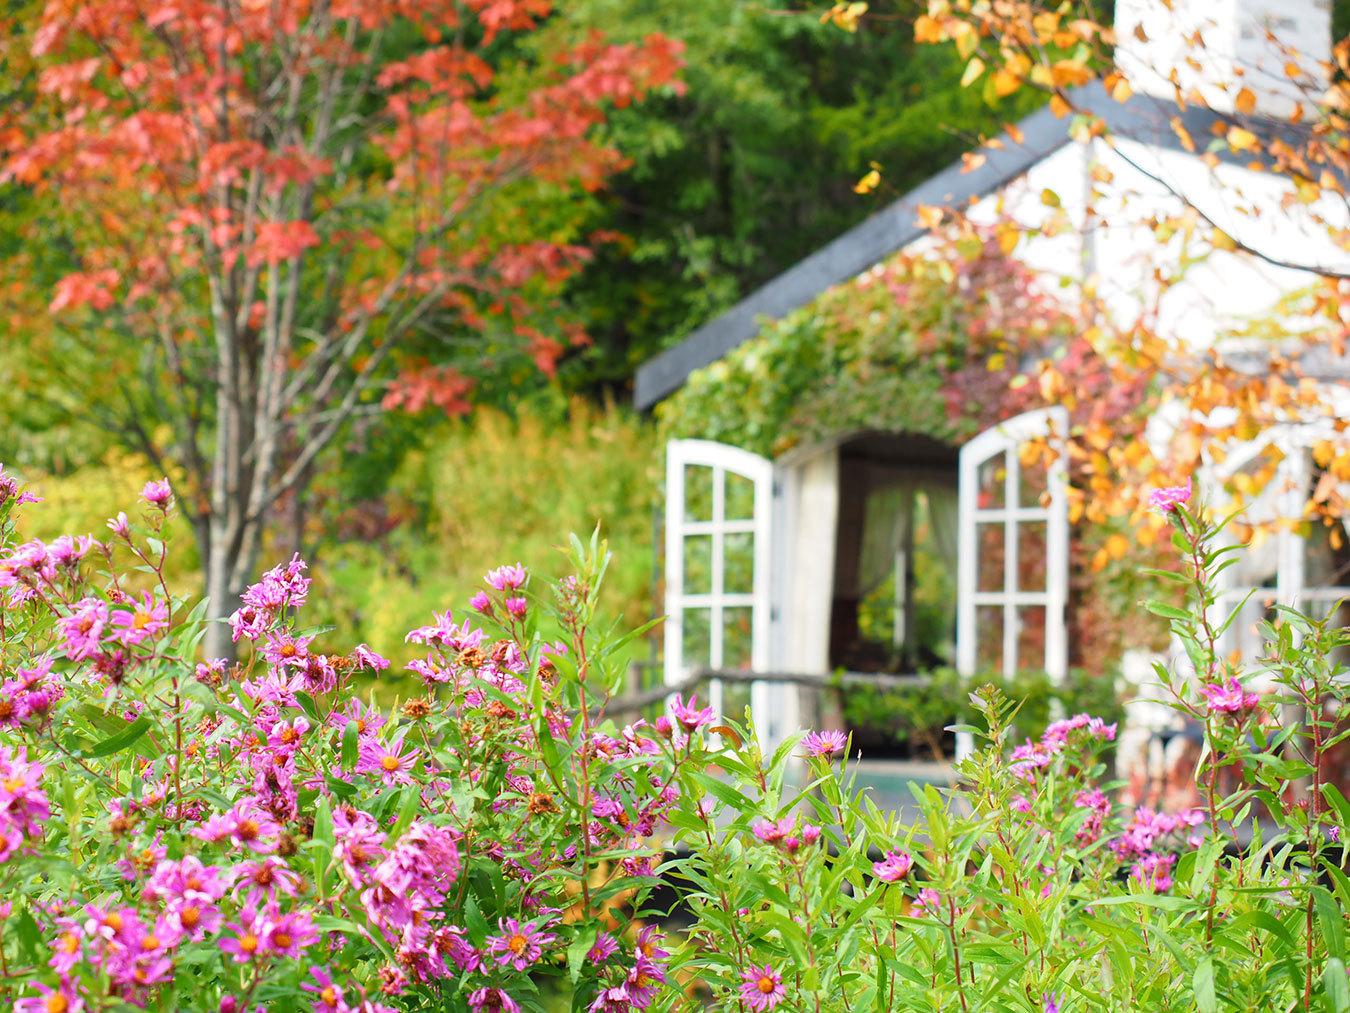 庭のある生活を楽しむ!憧れのマイガーデン作り